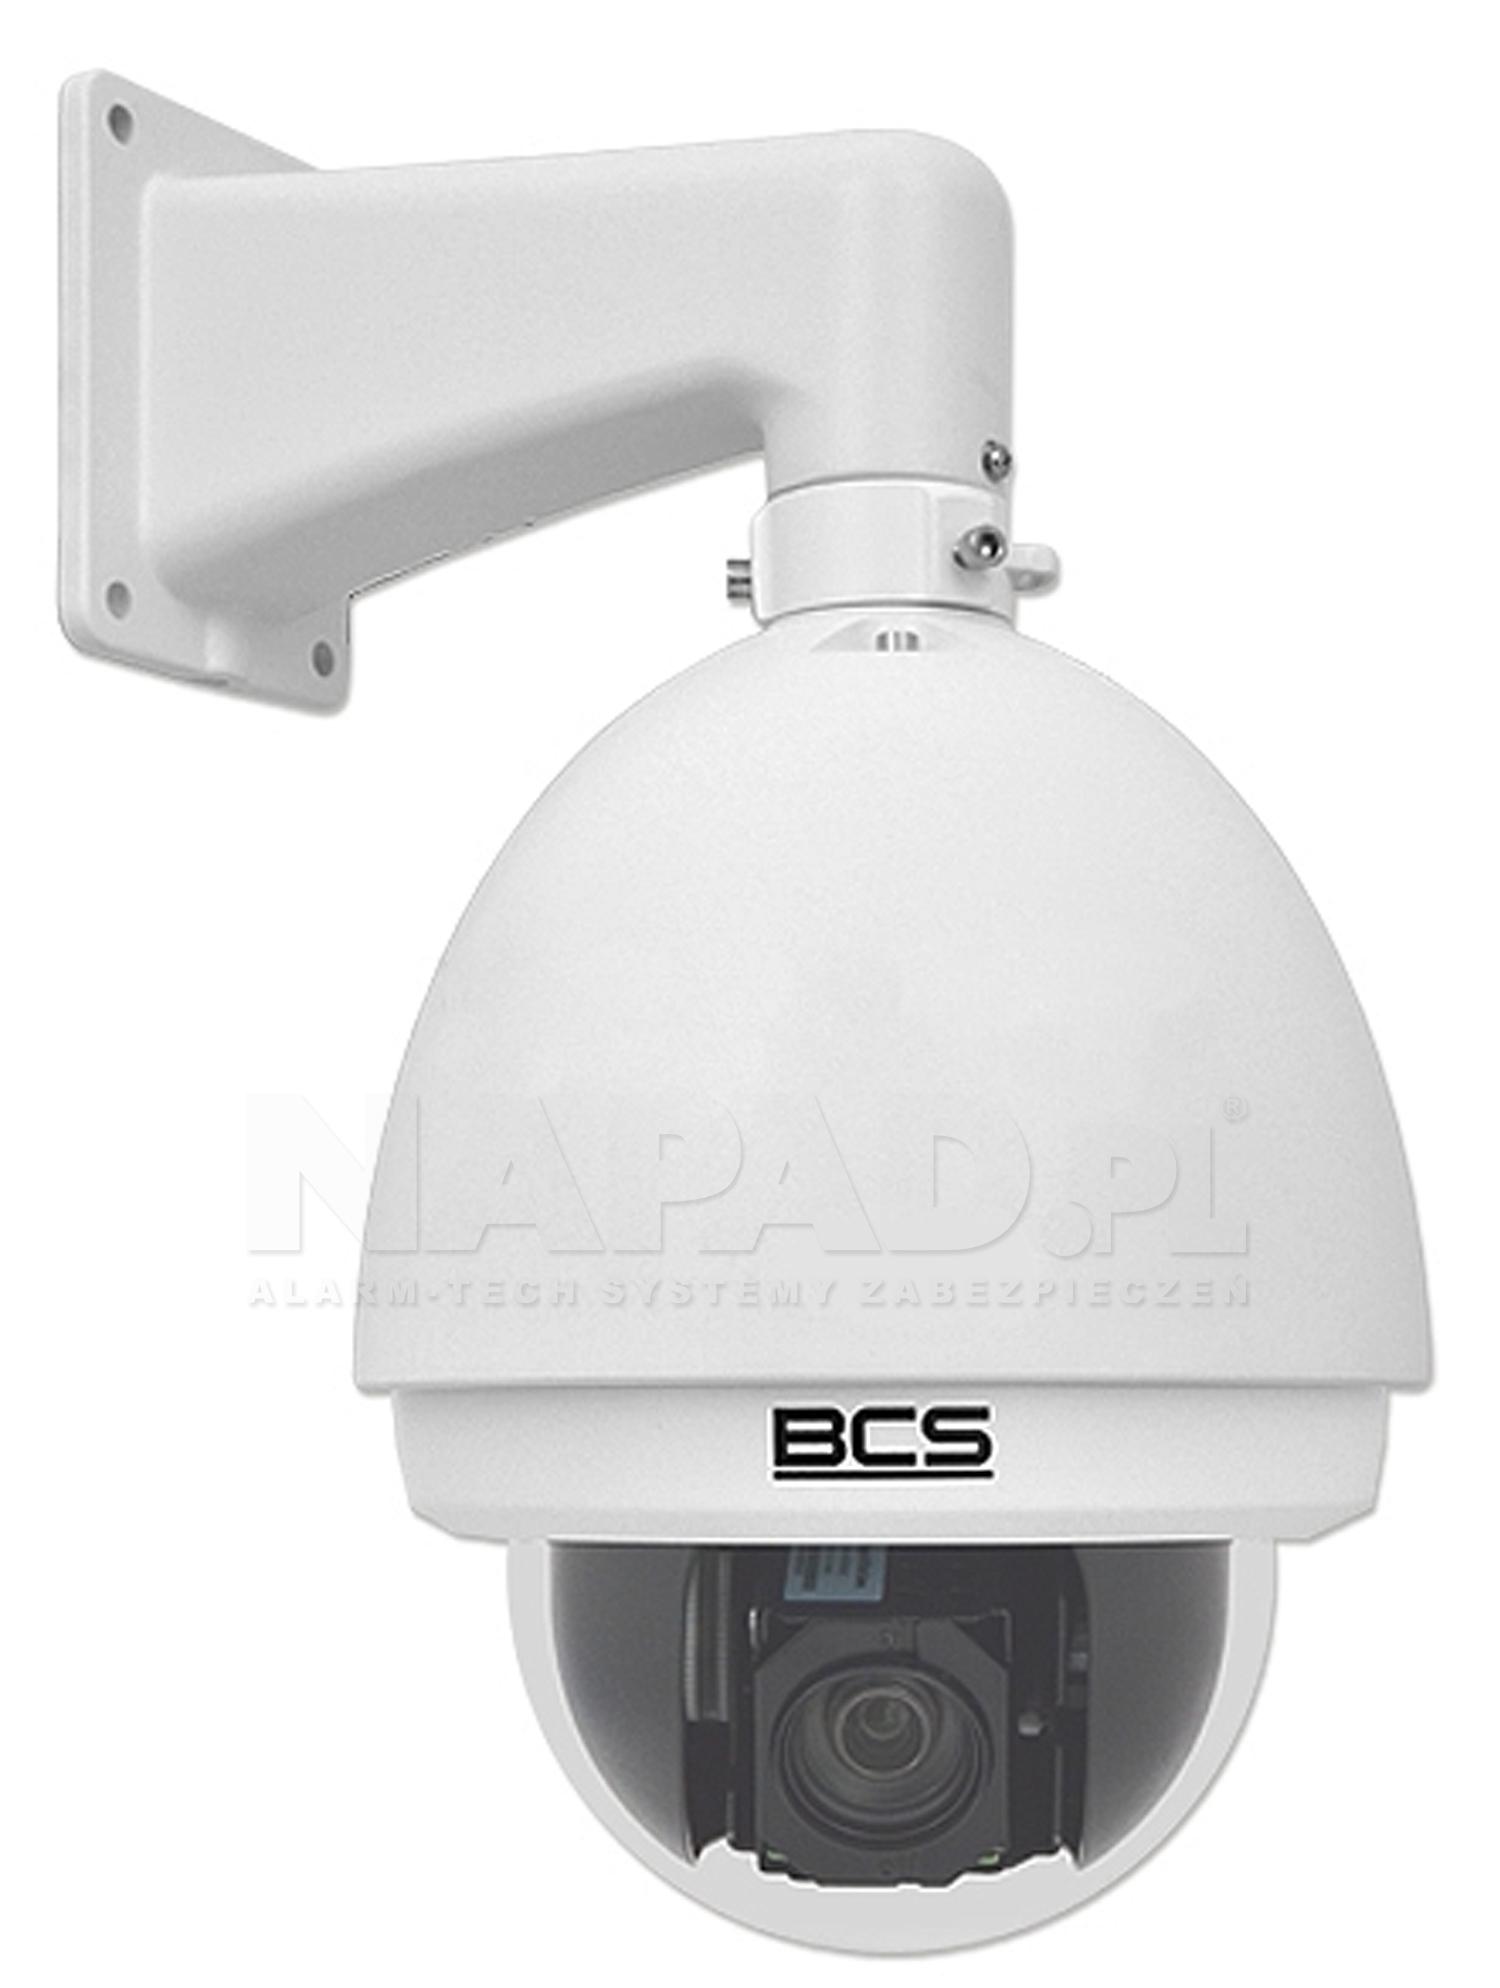 Kamera HD-CVI 2Mpx BCS-SDHC3230-II